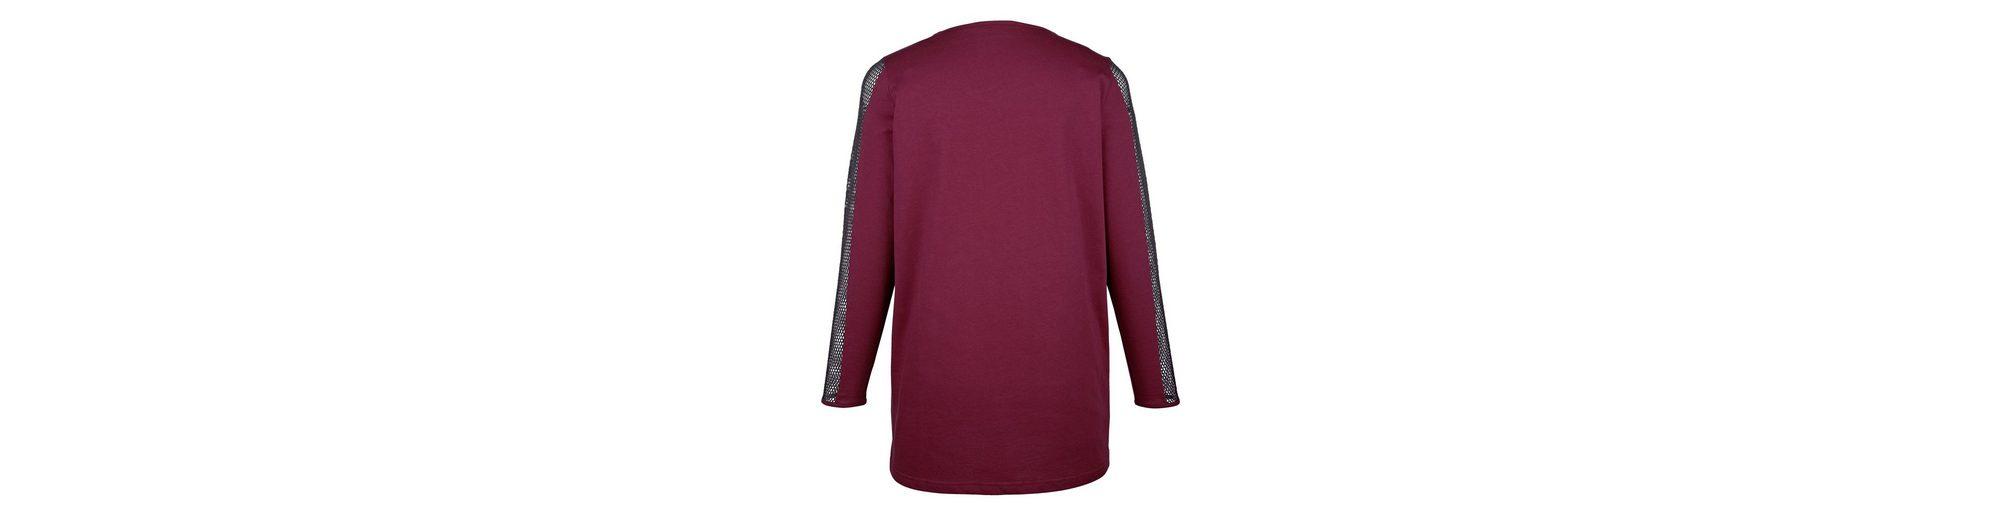 MIAMODA Shirt mit transparenten Netz-Einsätzen an den Ärmeln Günstige Top-Qualität Billig Verkauf Amazon Aussicht Günstig Kaufen Suche Spielraum Offiziellen i3tS2du